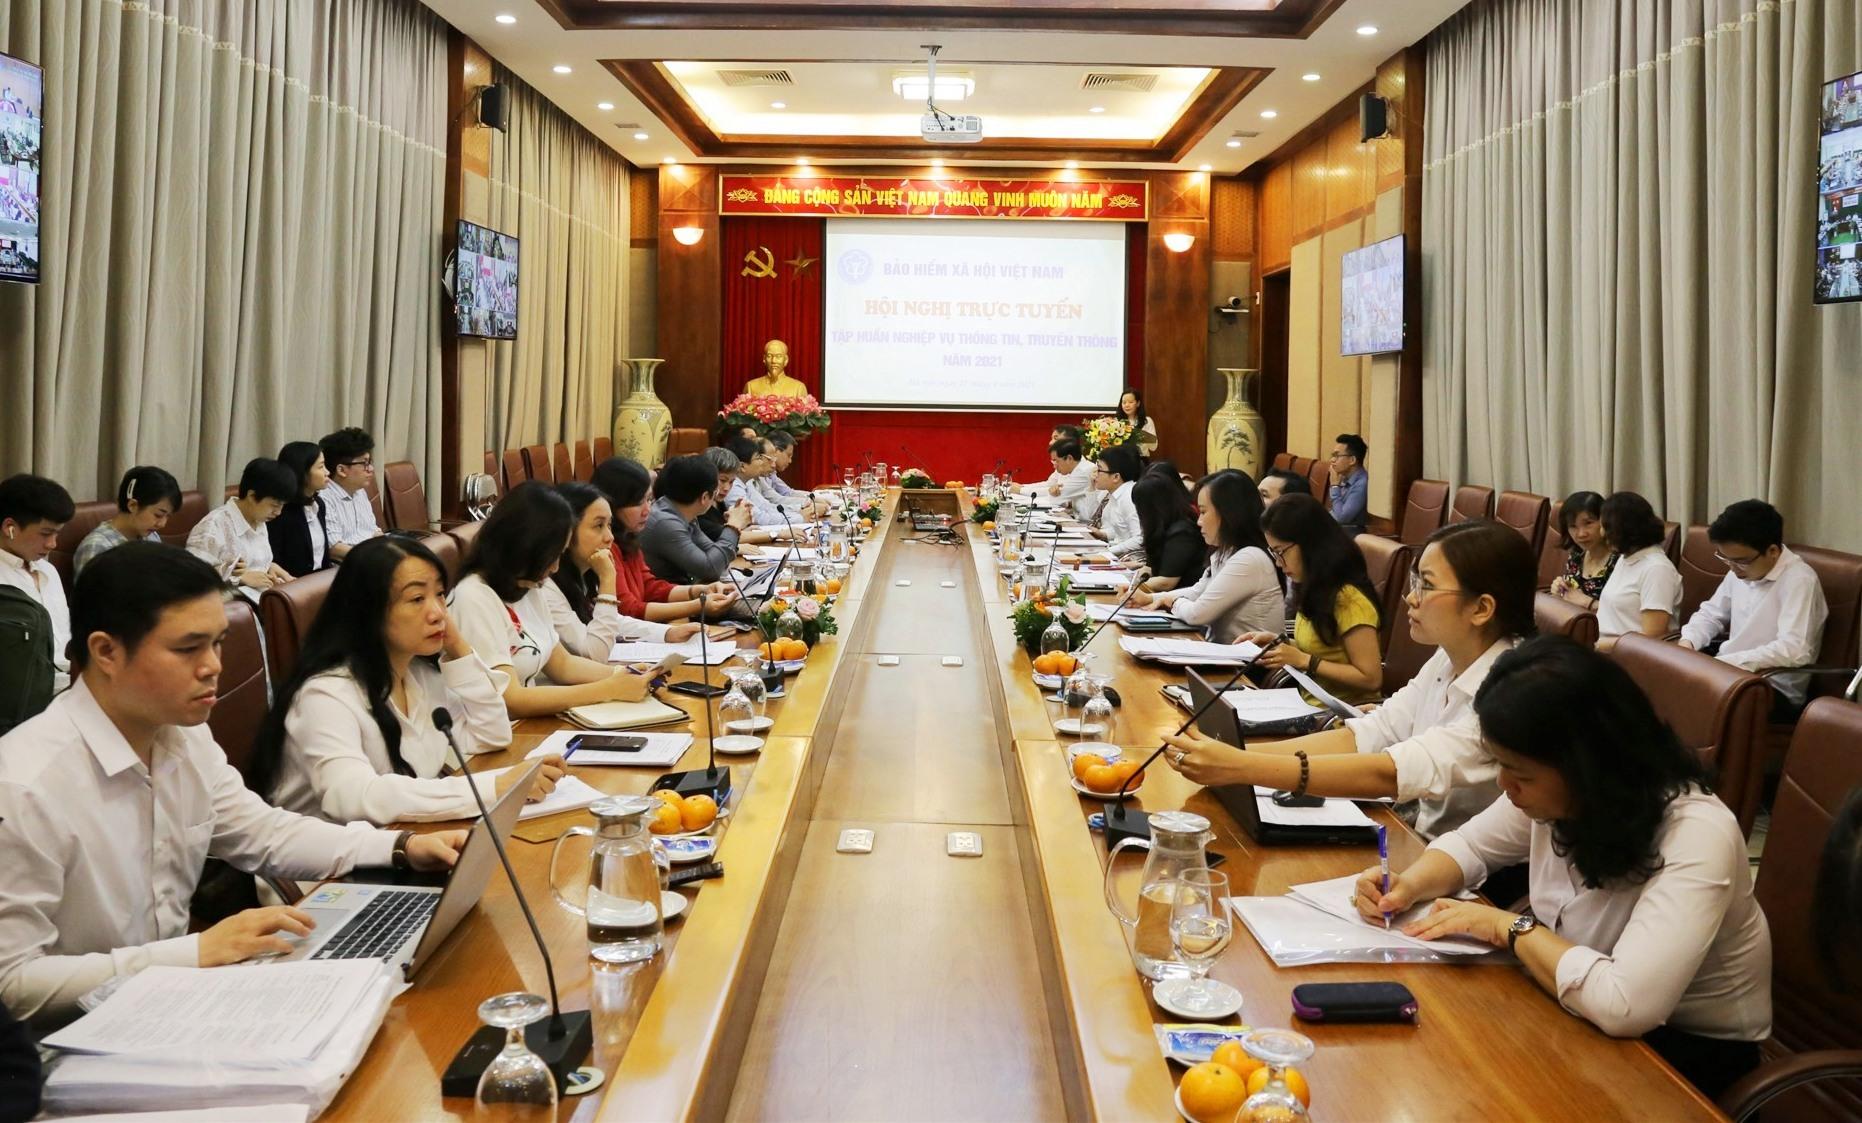 Bảo hiểm xã hội Việt Nam tổ chức hội nghị tập huấn nghiệp vụ thông tin, truyền thông năm 2021. Ảnh: D.L